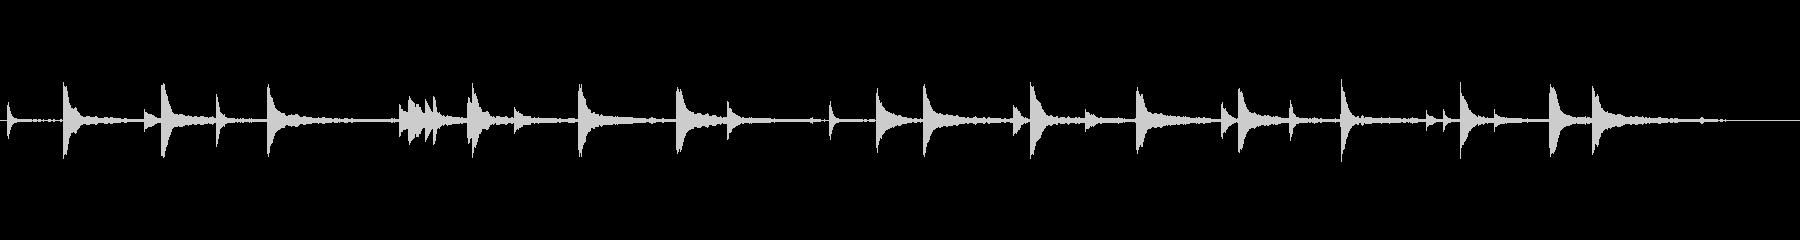 現代的 交響曲 感情的 バラード ...の未再生の波形